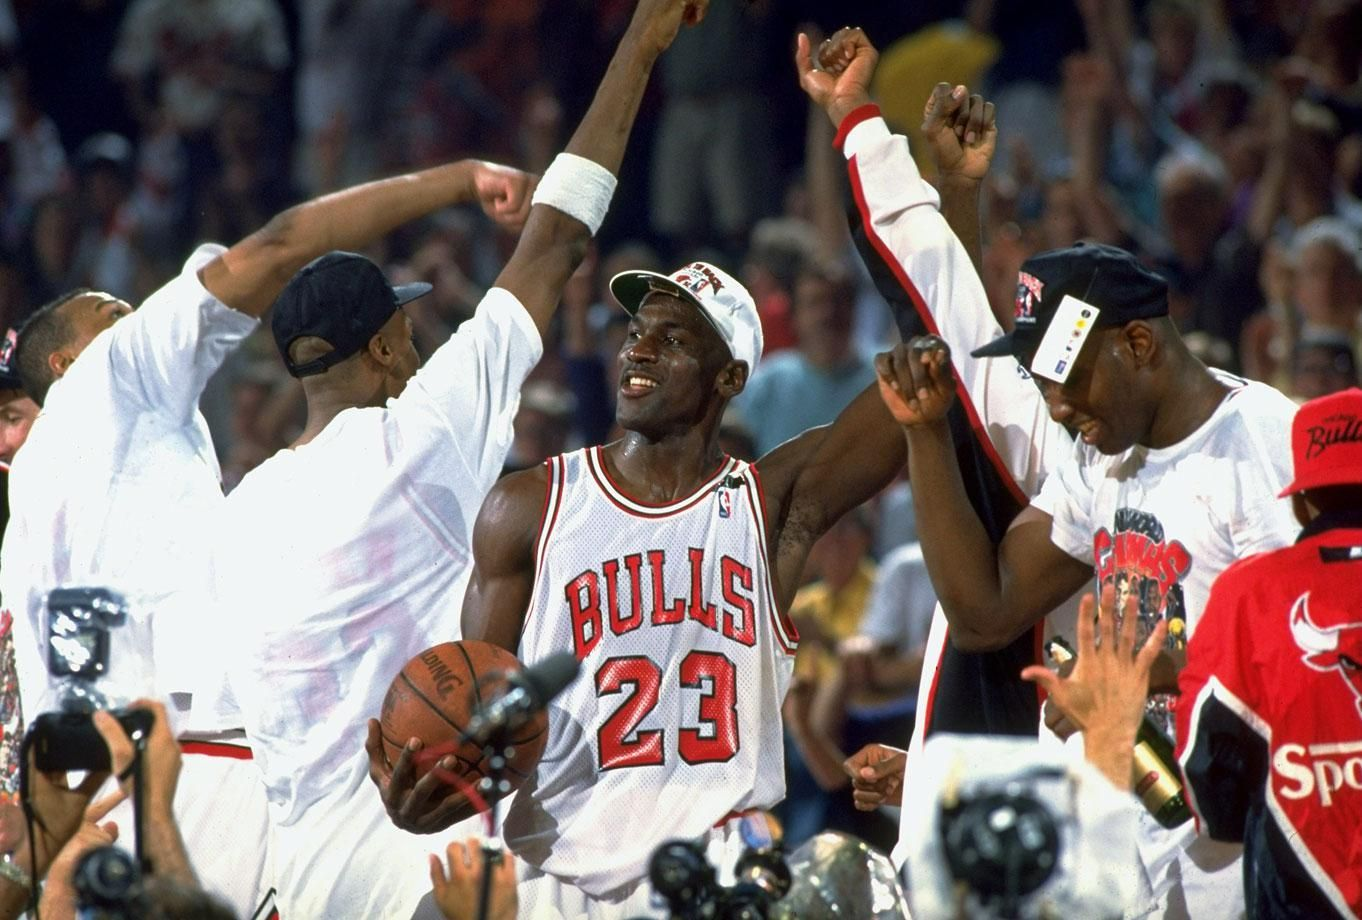 Čempiono kedai: Ką Jordan'as avėjo laimėdamas NBA žiedus?